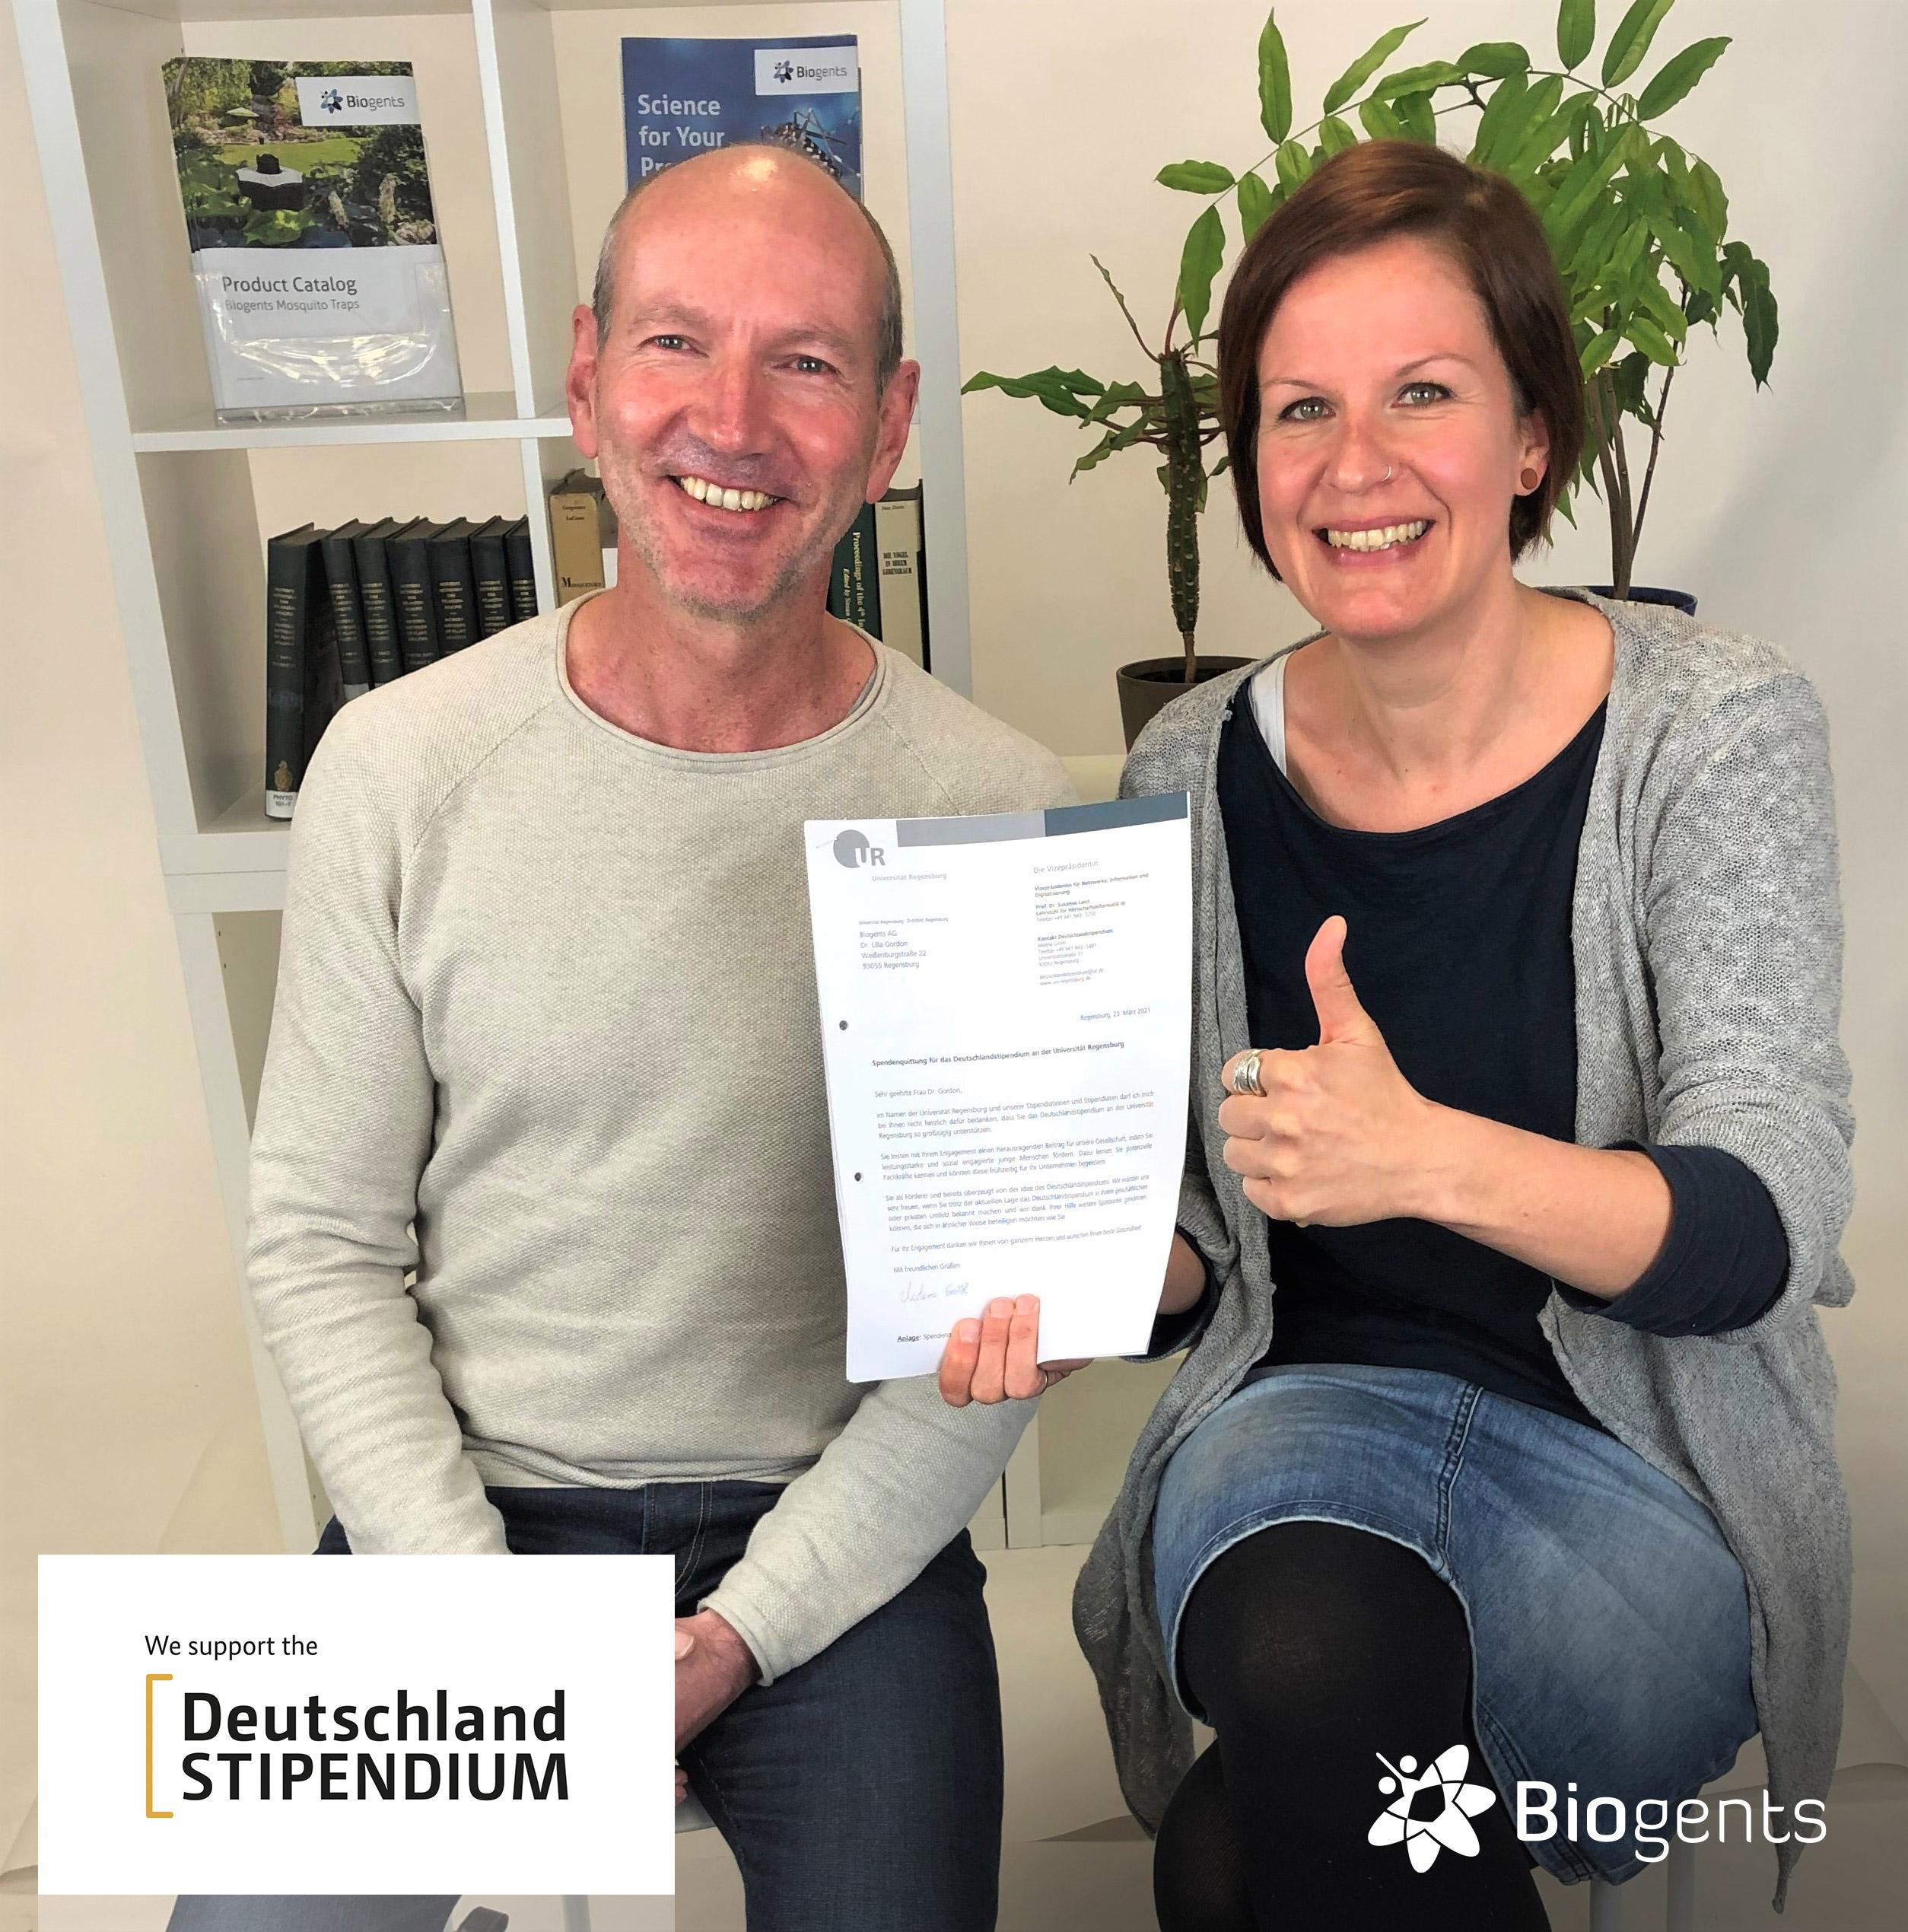 Dr. Martin Geier und Dr. Ulla Gordon mit dem Bescheid des Deutschlandstipendiums als Förderer durch das Unternehmen Biogents